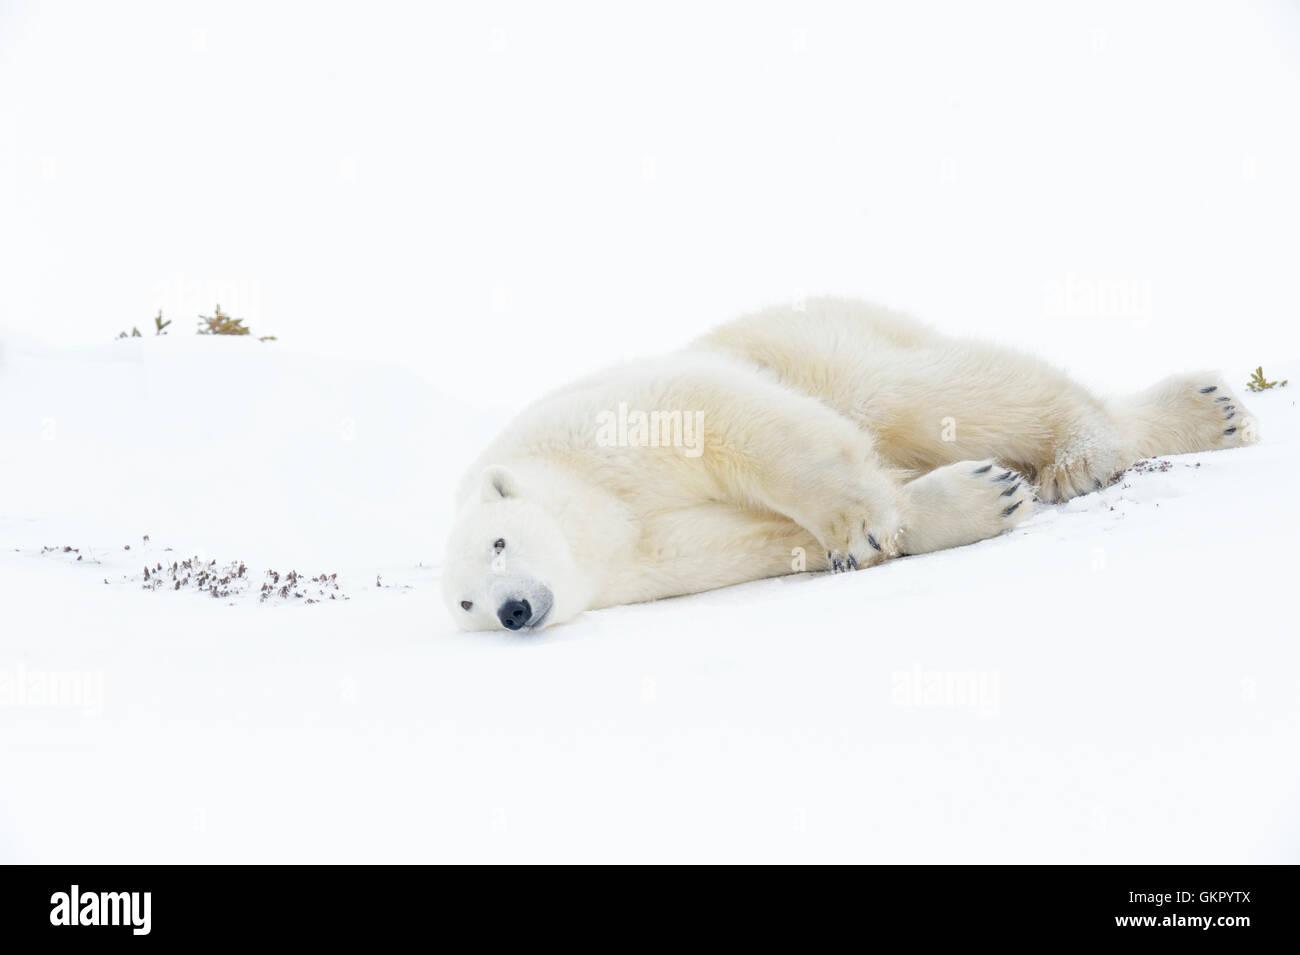 El oso polar (Ursus maritimus) madre deslizando hacia abajo, Parque Nacional Wapusk, Manitoba, Canadá Imagen De Stock